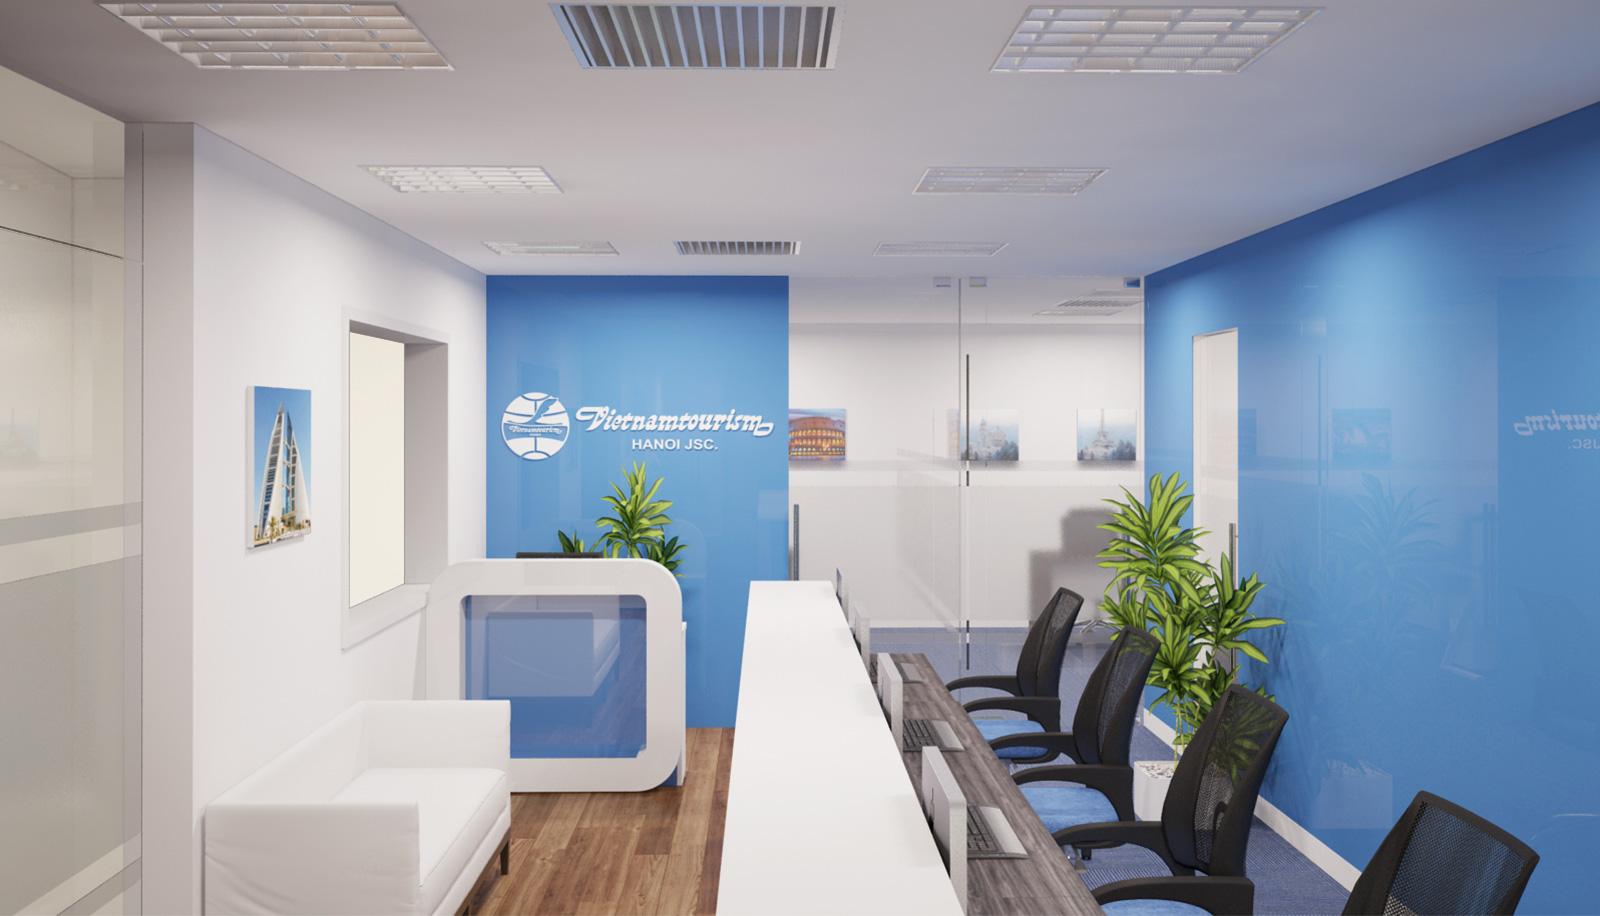 thiết kế văn phòng theo xu hướng hiện đại 1